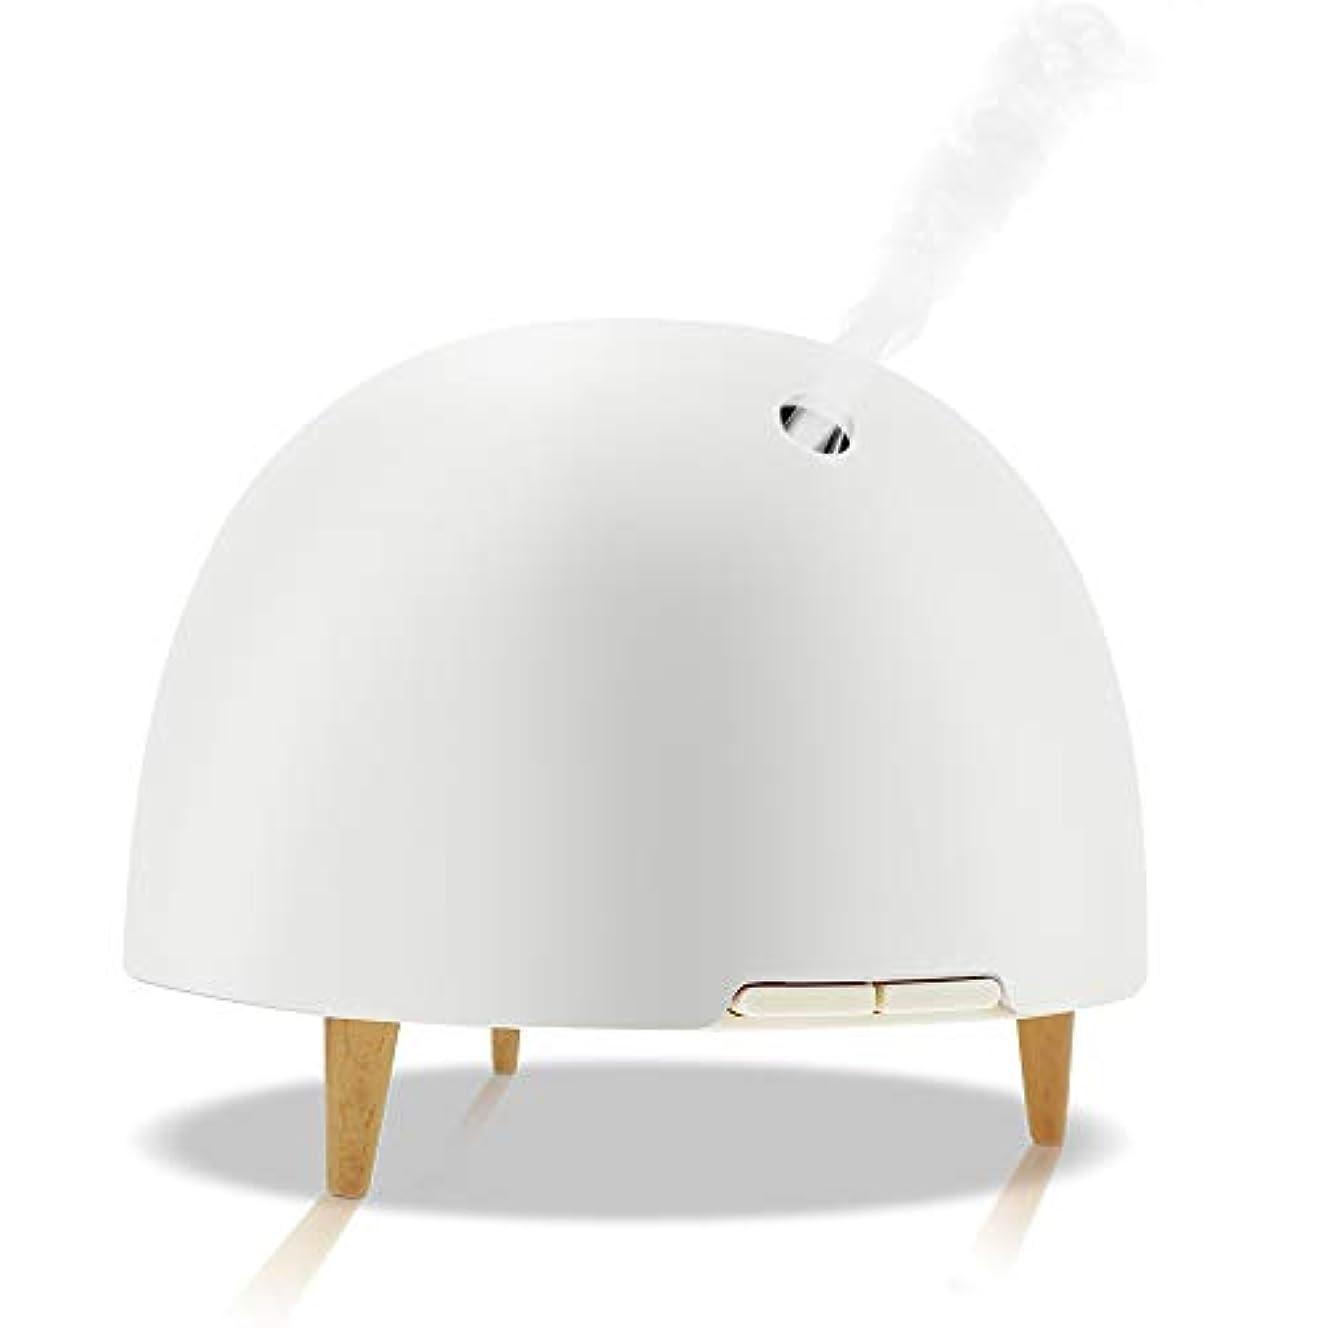 モニターつまらない大胆純粋なエッセンシャルオイルアロマテラピーマシン、アロマテラピーエッセンシャルオイルディフューザークールミスト加湿器7色ライト、家庭用、仕事,White